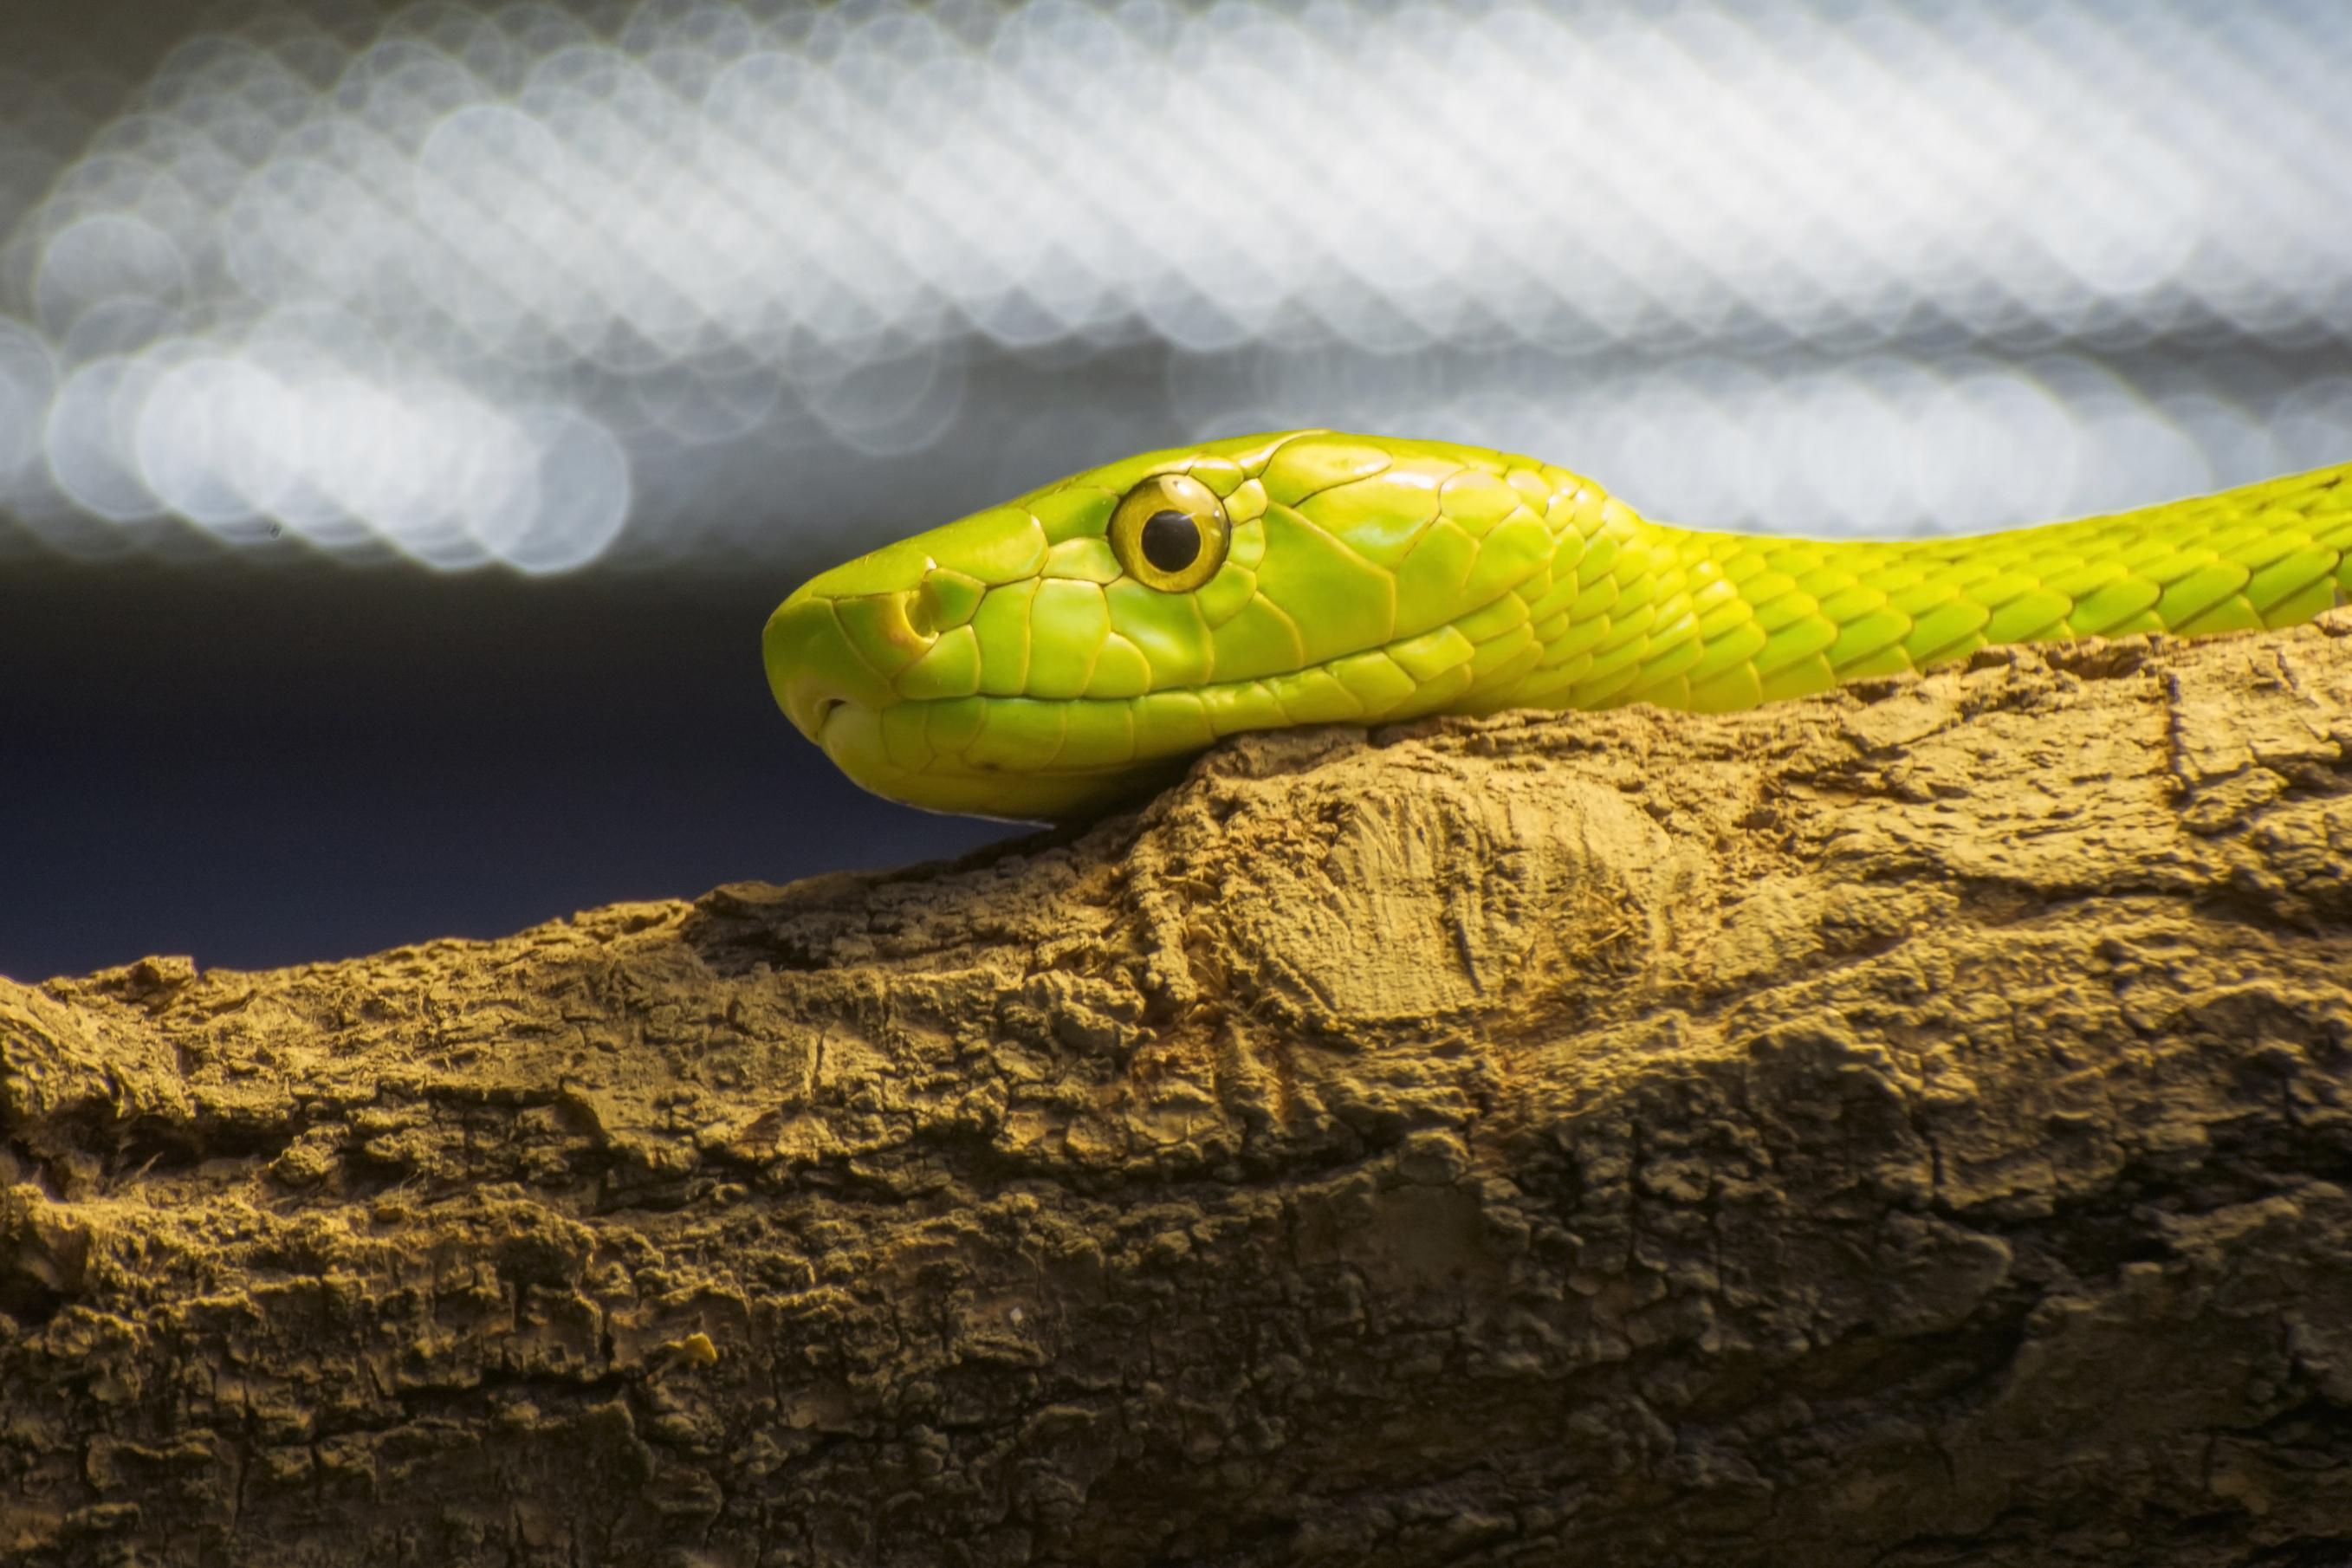 A western green mamba snake.